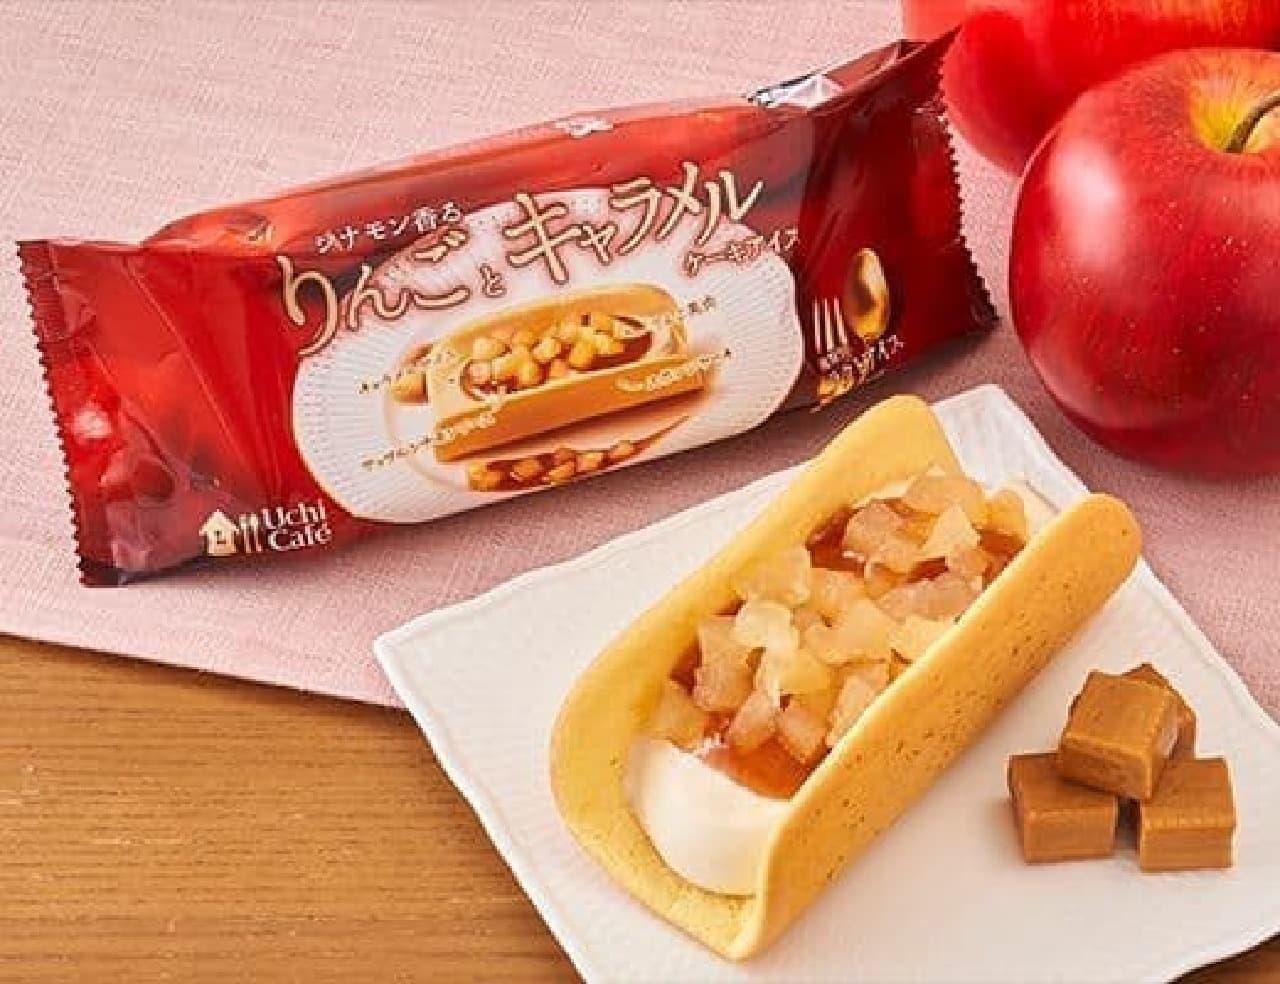 ローソン「ウチカフェ シナモン香る りんごとキャラメルケーキアイス 56ml」